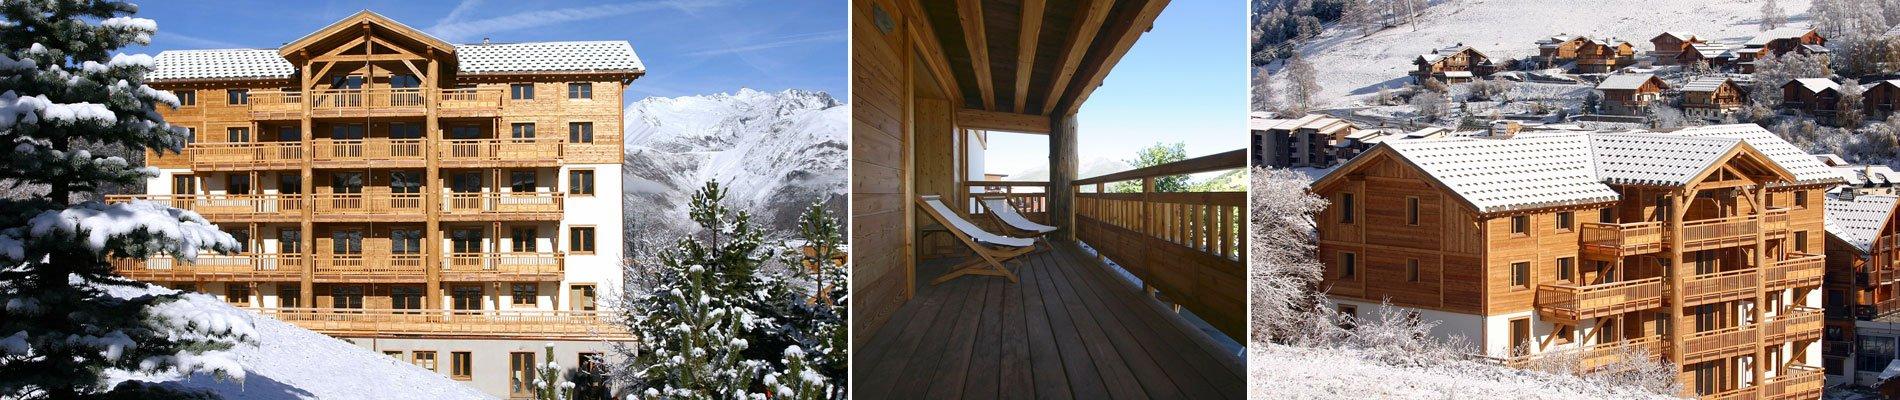 les-deux-alpes-loisirs-alba-frankrijk-wintersport